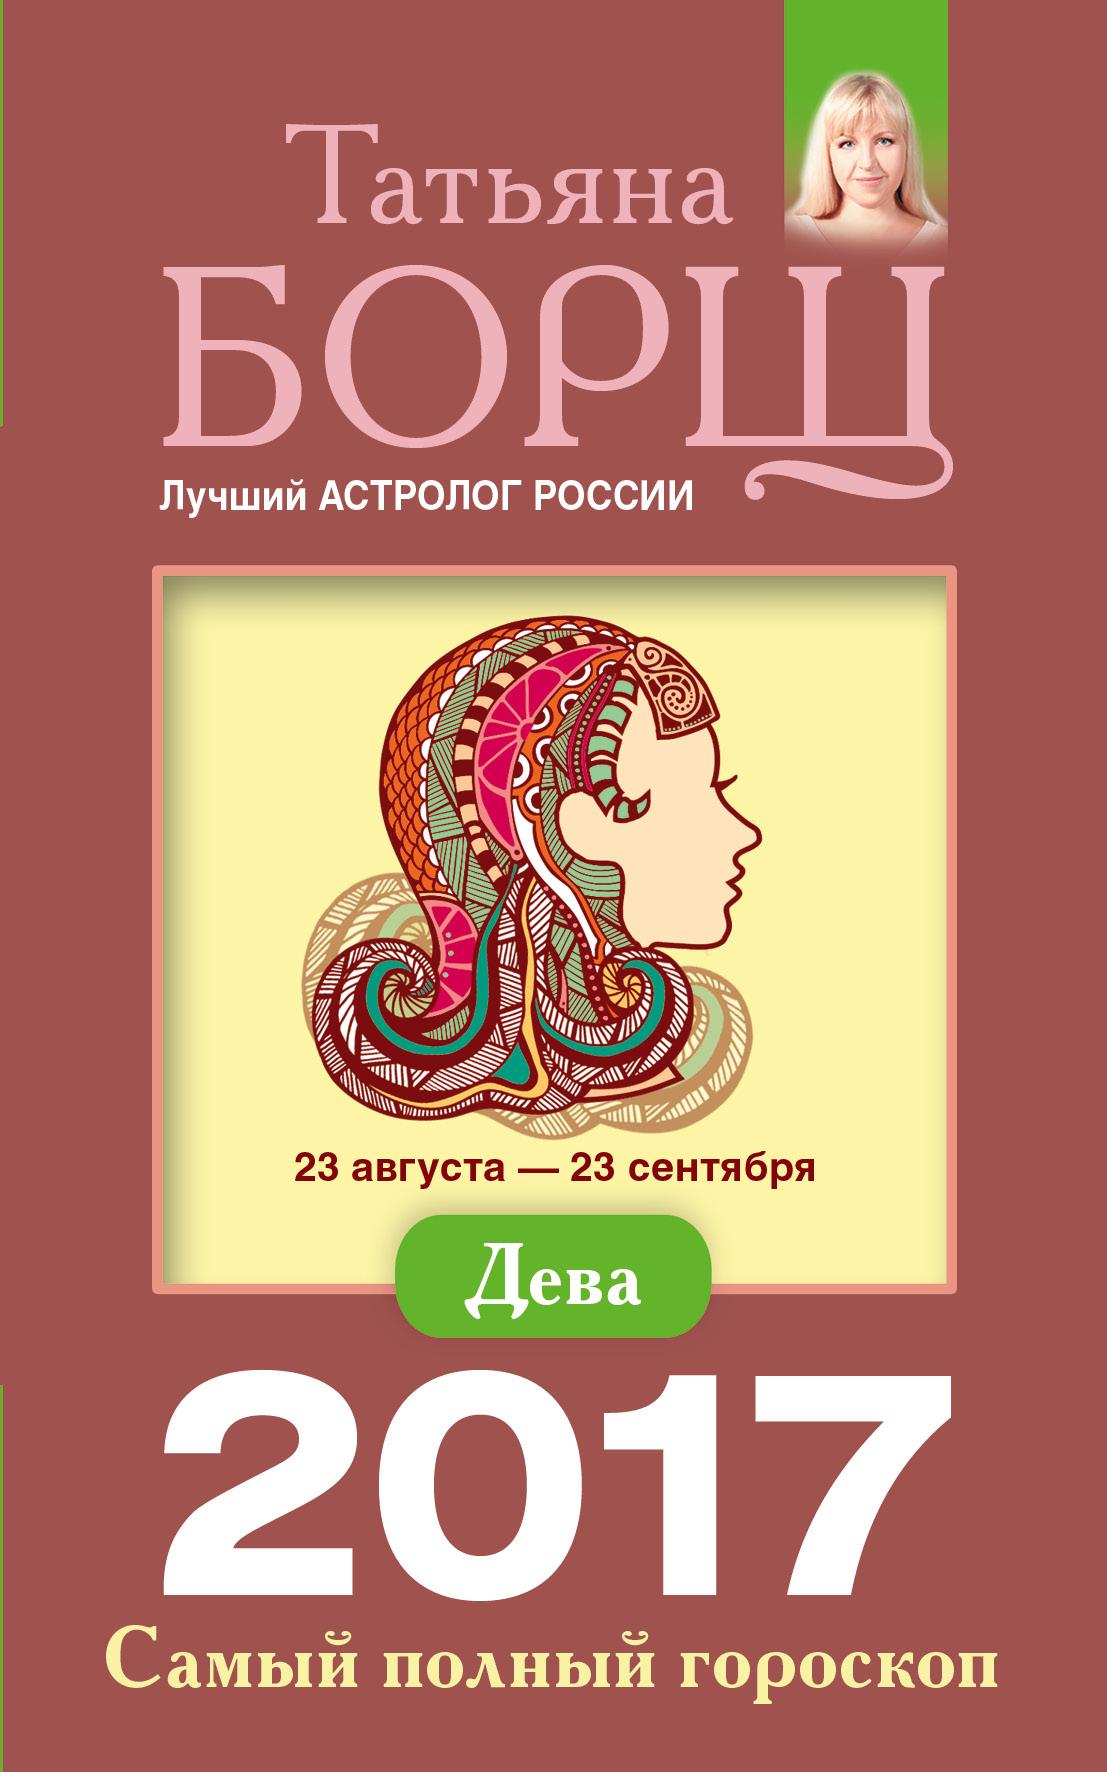 Татьяна Борщ Дева. Самый полный гороскоп на 2017 год татьяна борщ овен самый полный гороскоп на 2017 год 21 марта 19 апреля